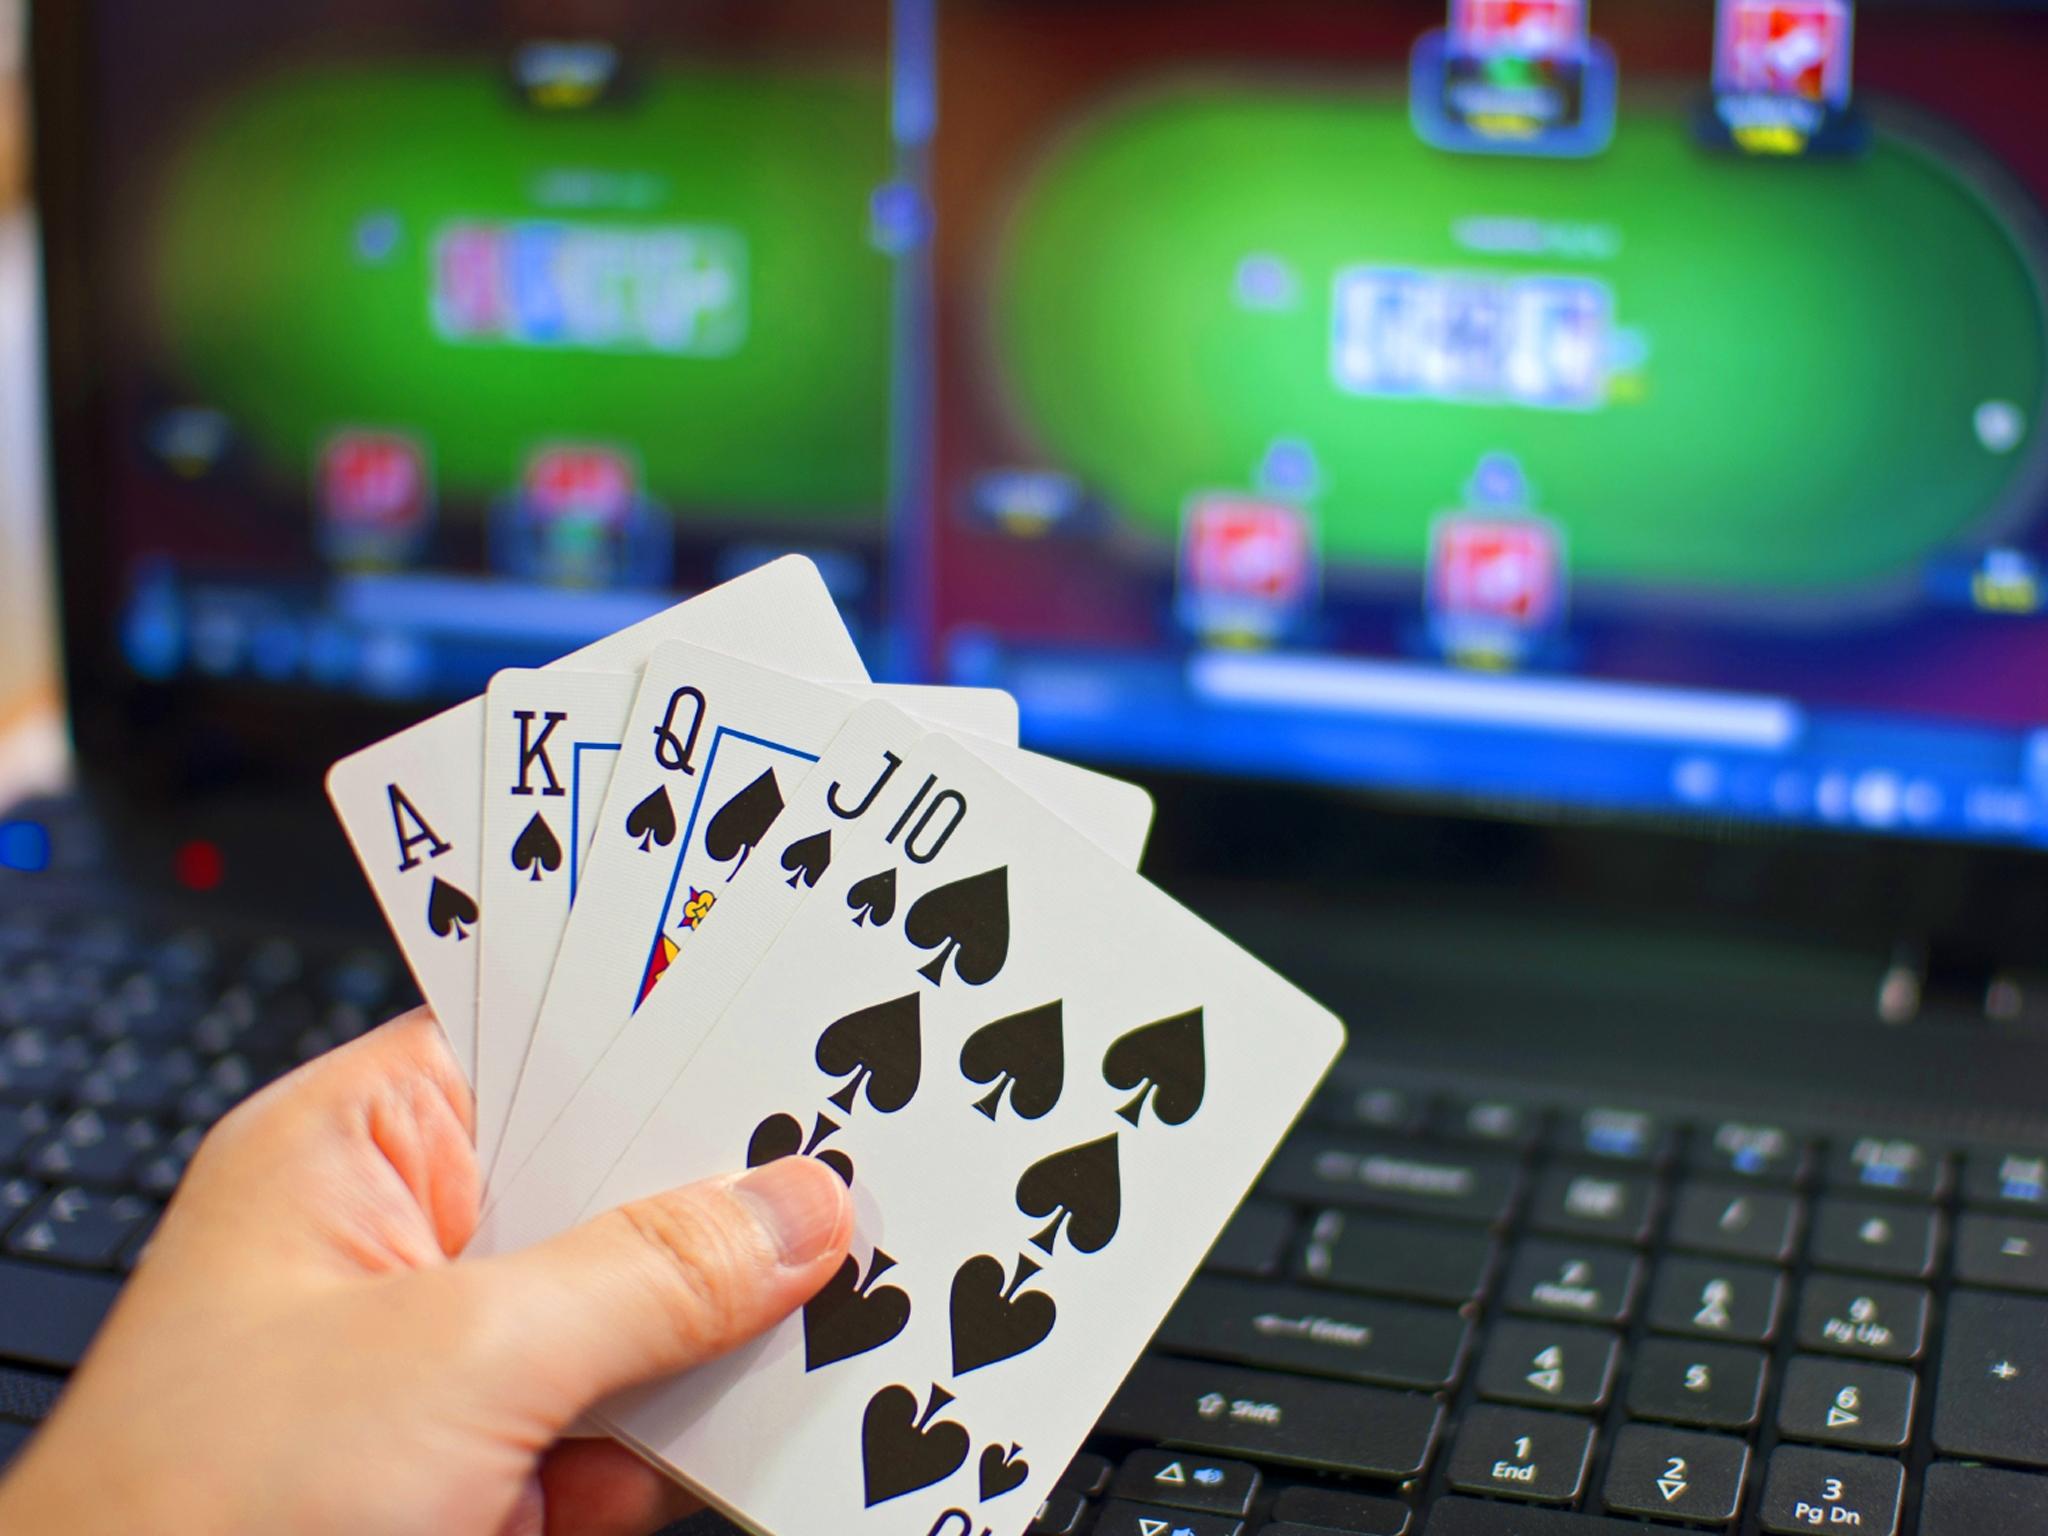 Mohawk online gambling gambling apocalypse kaiji download